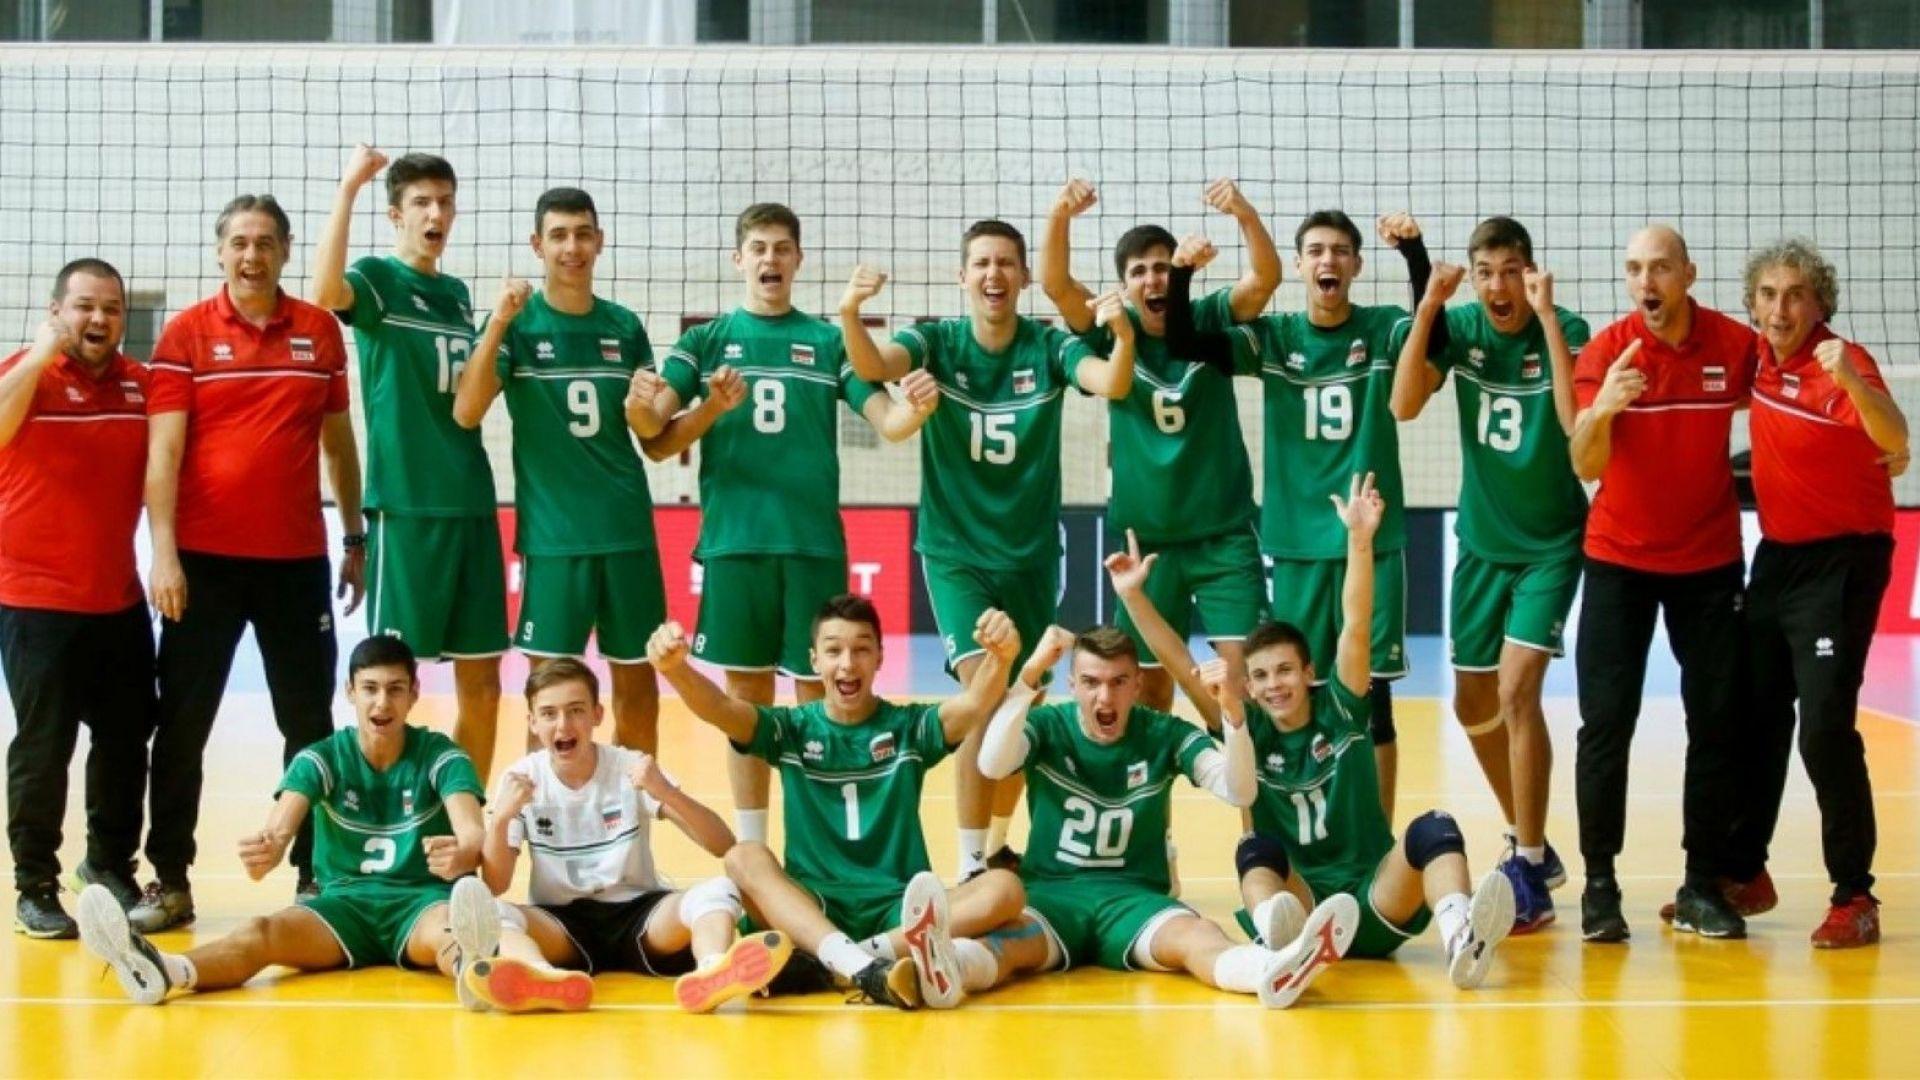 България се класира за още едно Европейско първенство във волейбола